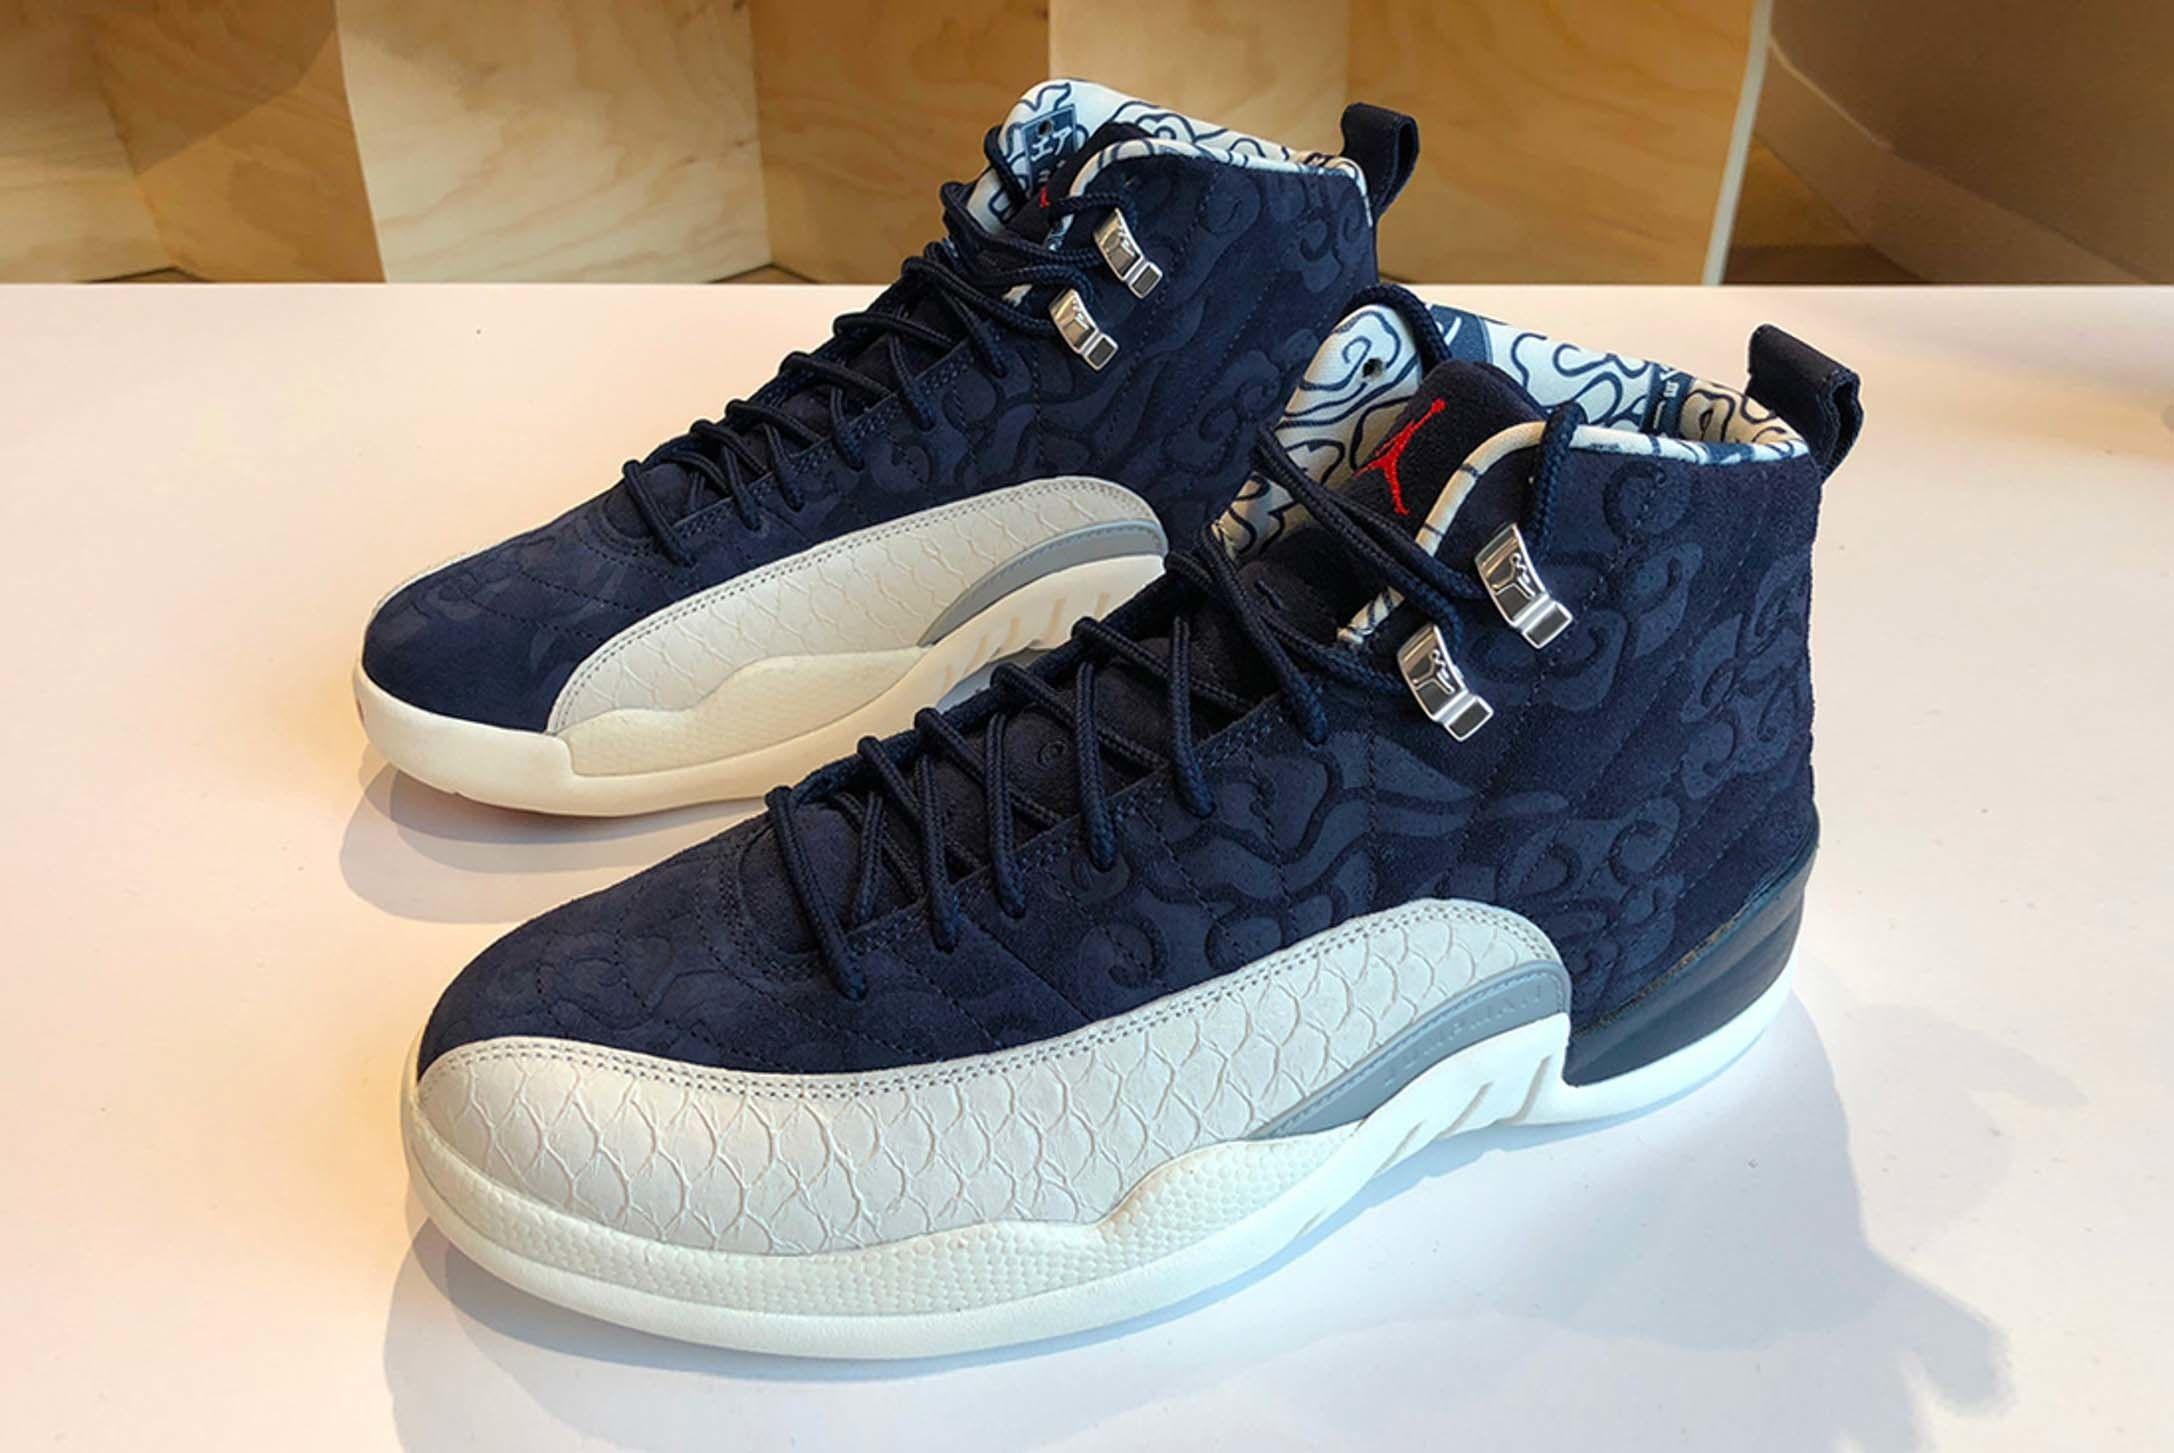 Air Jordan 12 International Pack First Look Release 006 Sneaker Freaker